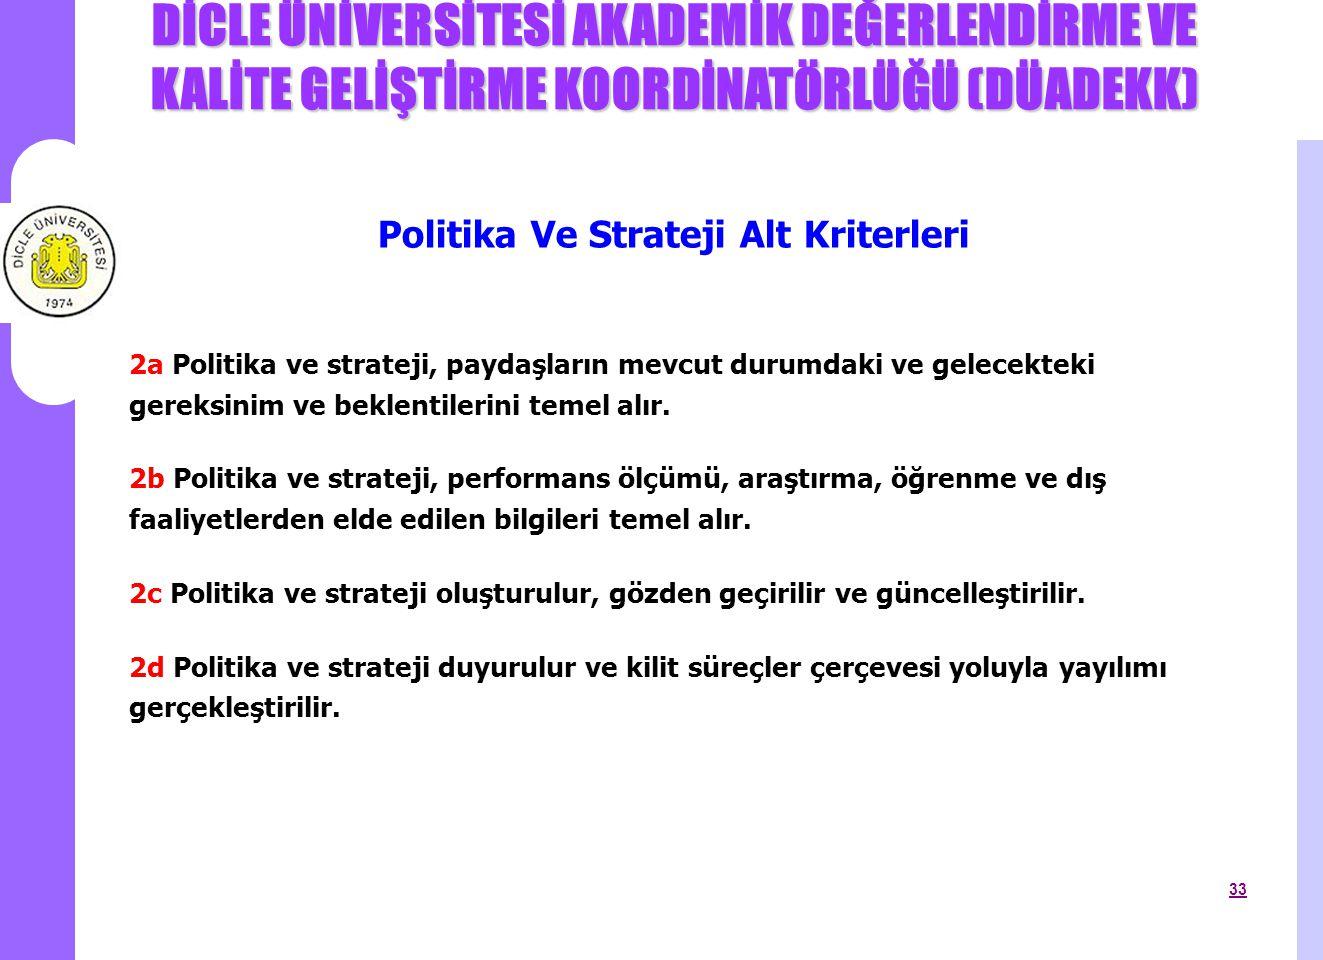 DİCLE ÜNİVERSİTESİ AKADEMİK DEĞERLENDİRME VE KALİTE GELİŞTİRME KOORDİNATÖRLÜĞÜ (DÜADEKK) 33 Politika Ve Strateji Alt Kriterleri 2a Politika ve stratej